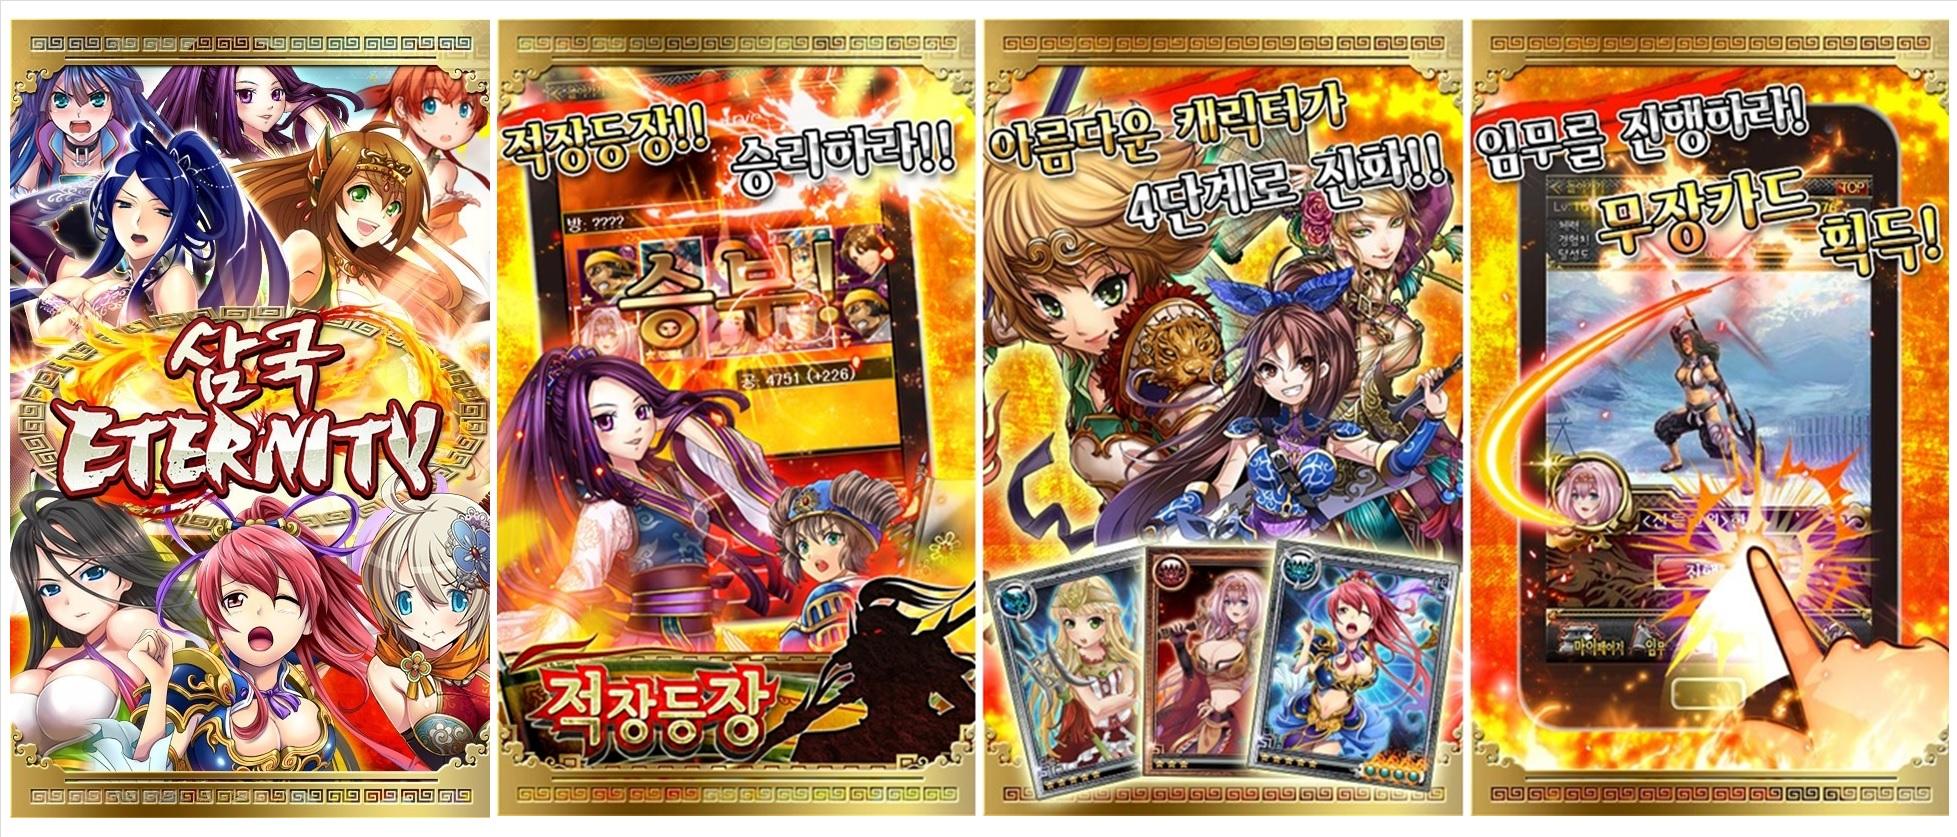 ポケラボ、スマホ向けカードバトルRPG「三国INFINITY」の韓国版「三国ETERNITY」を提供開始! 配信開始後3日でT storeトップ無料ランキングにて1位獲得